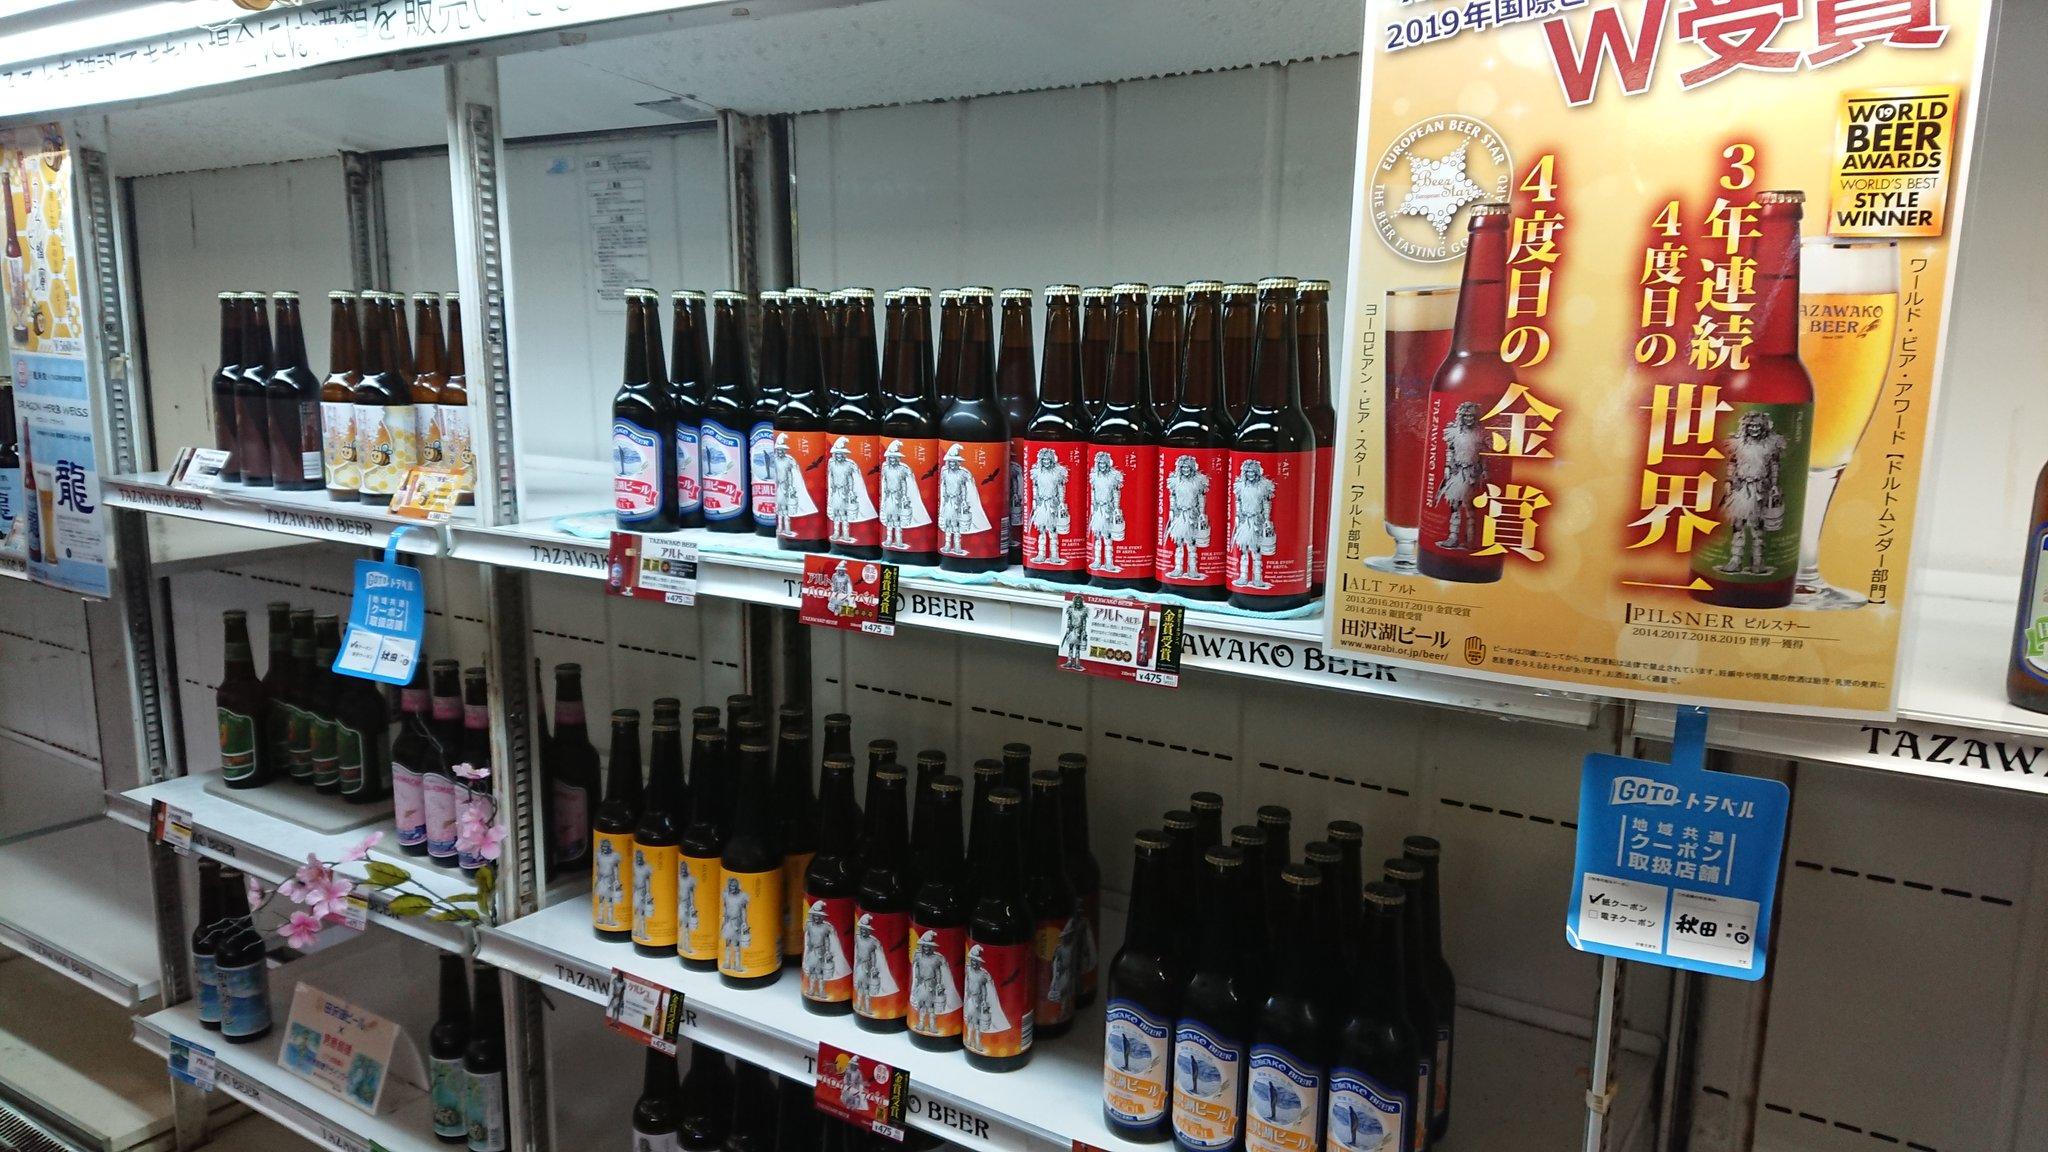 田沢湖ビールショップ内観